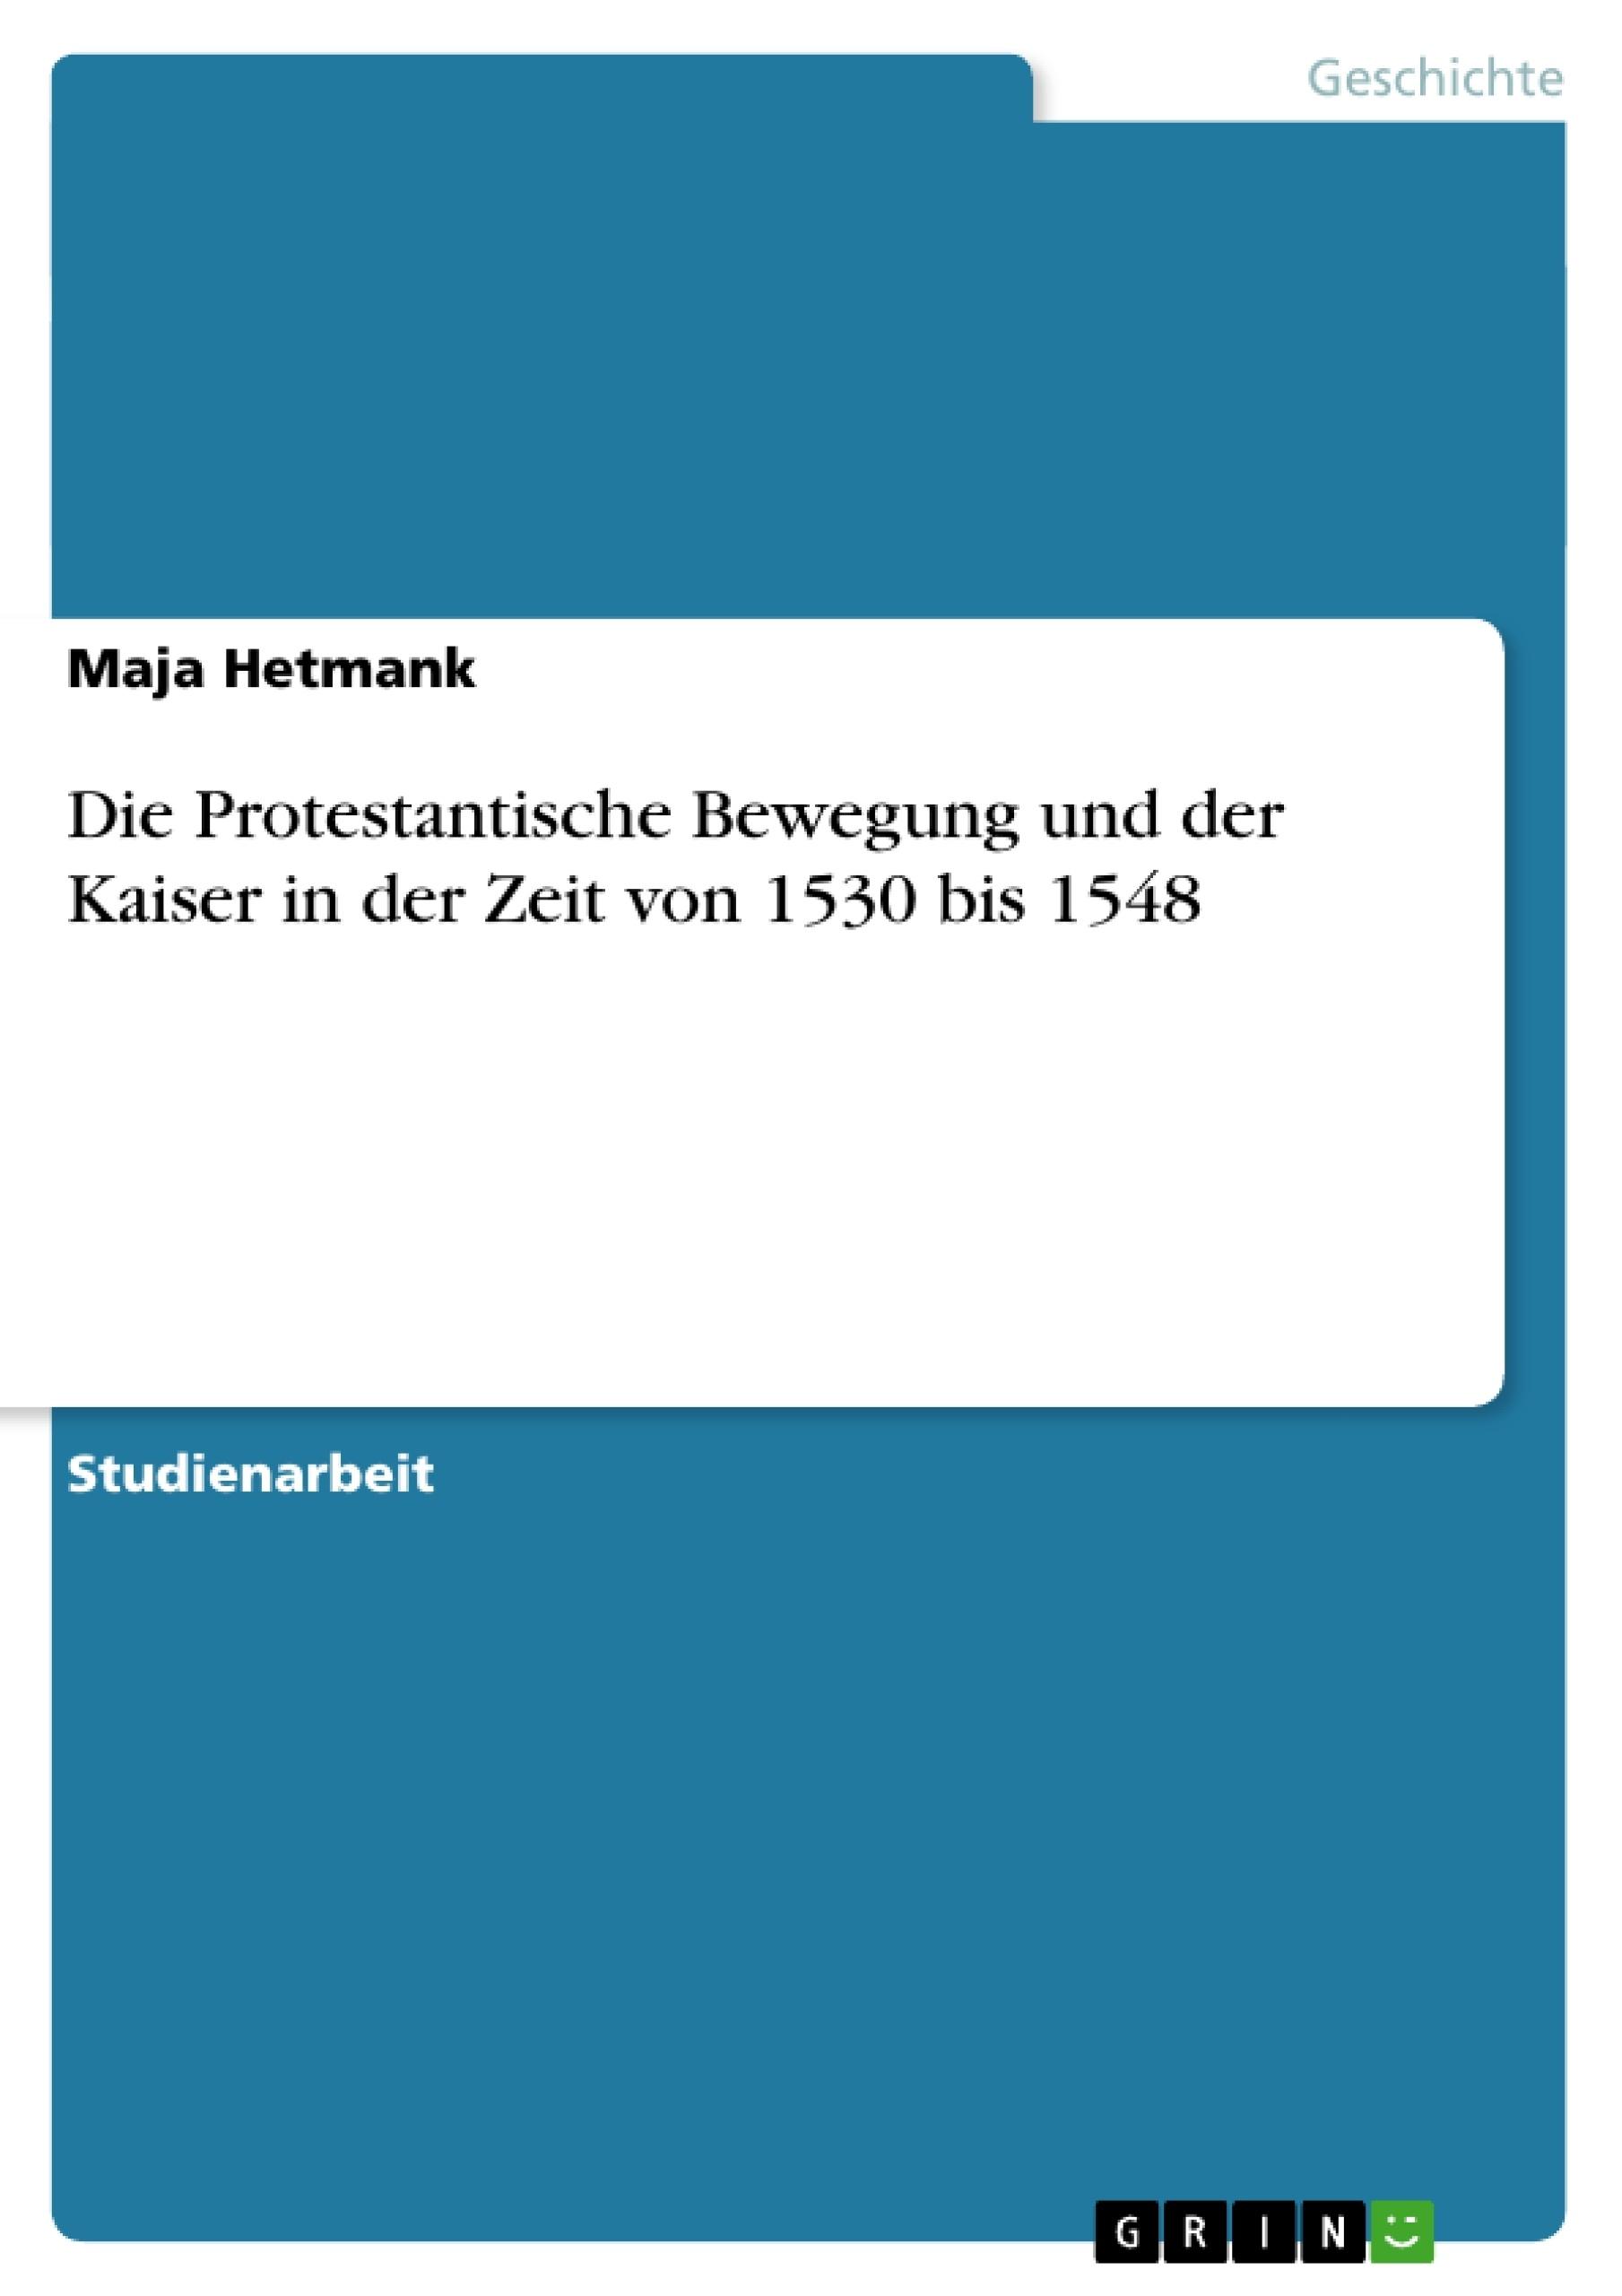 Titel: Die Protestantische Bewegung und der Kaiser in der Zeit von 1530 bis 1548